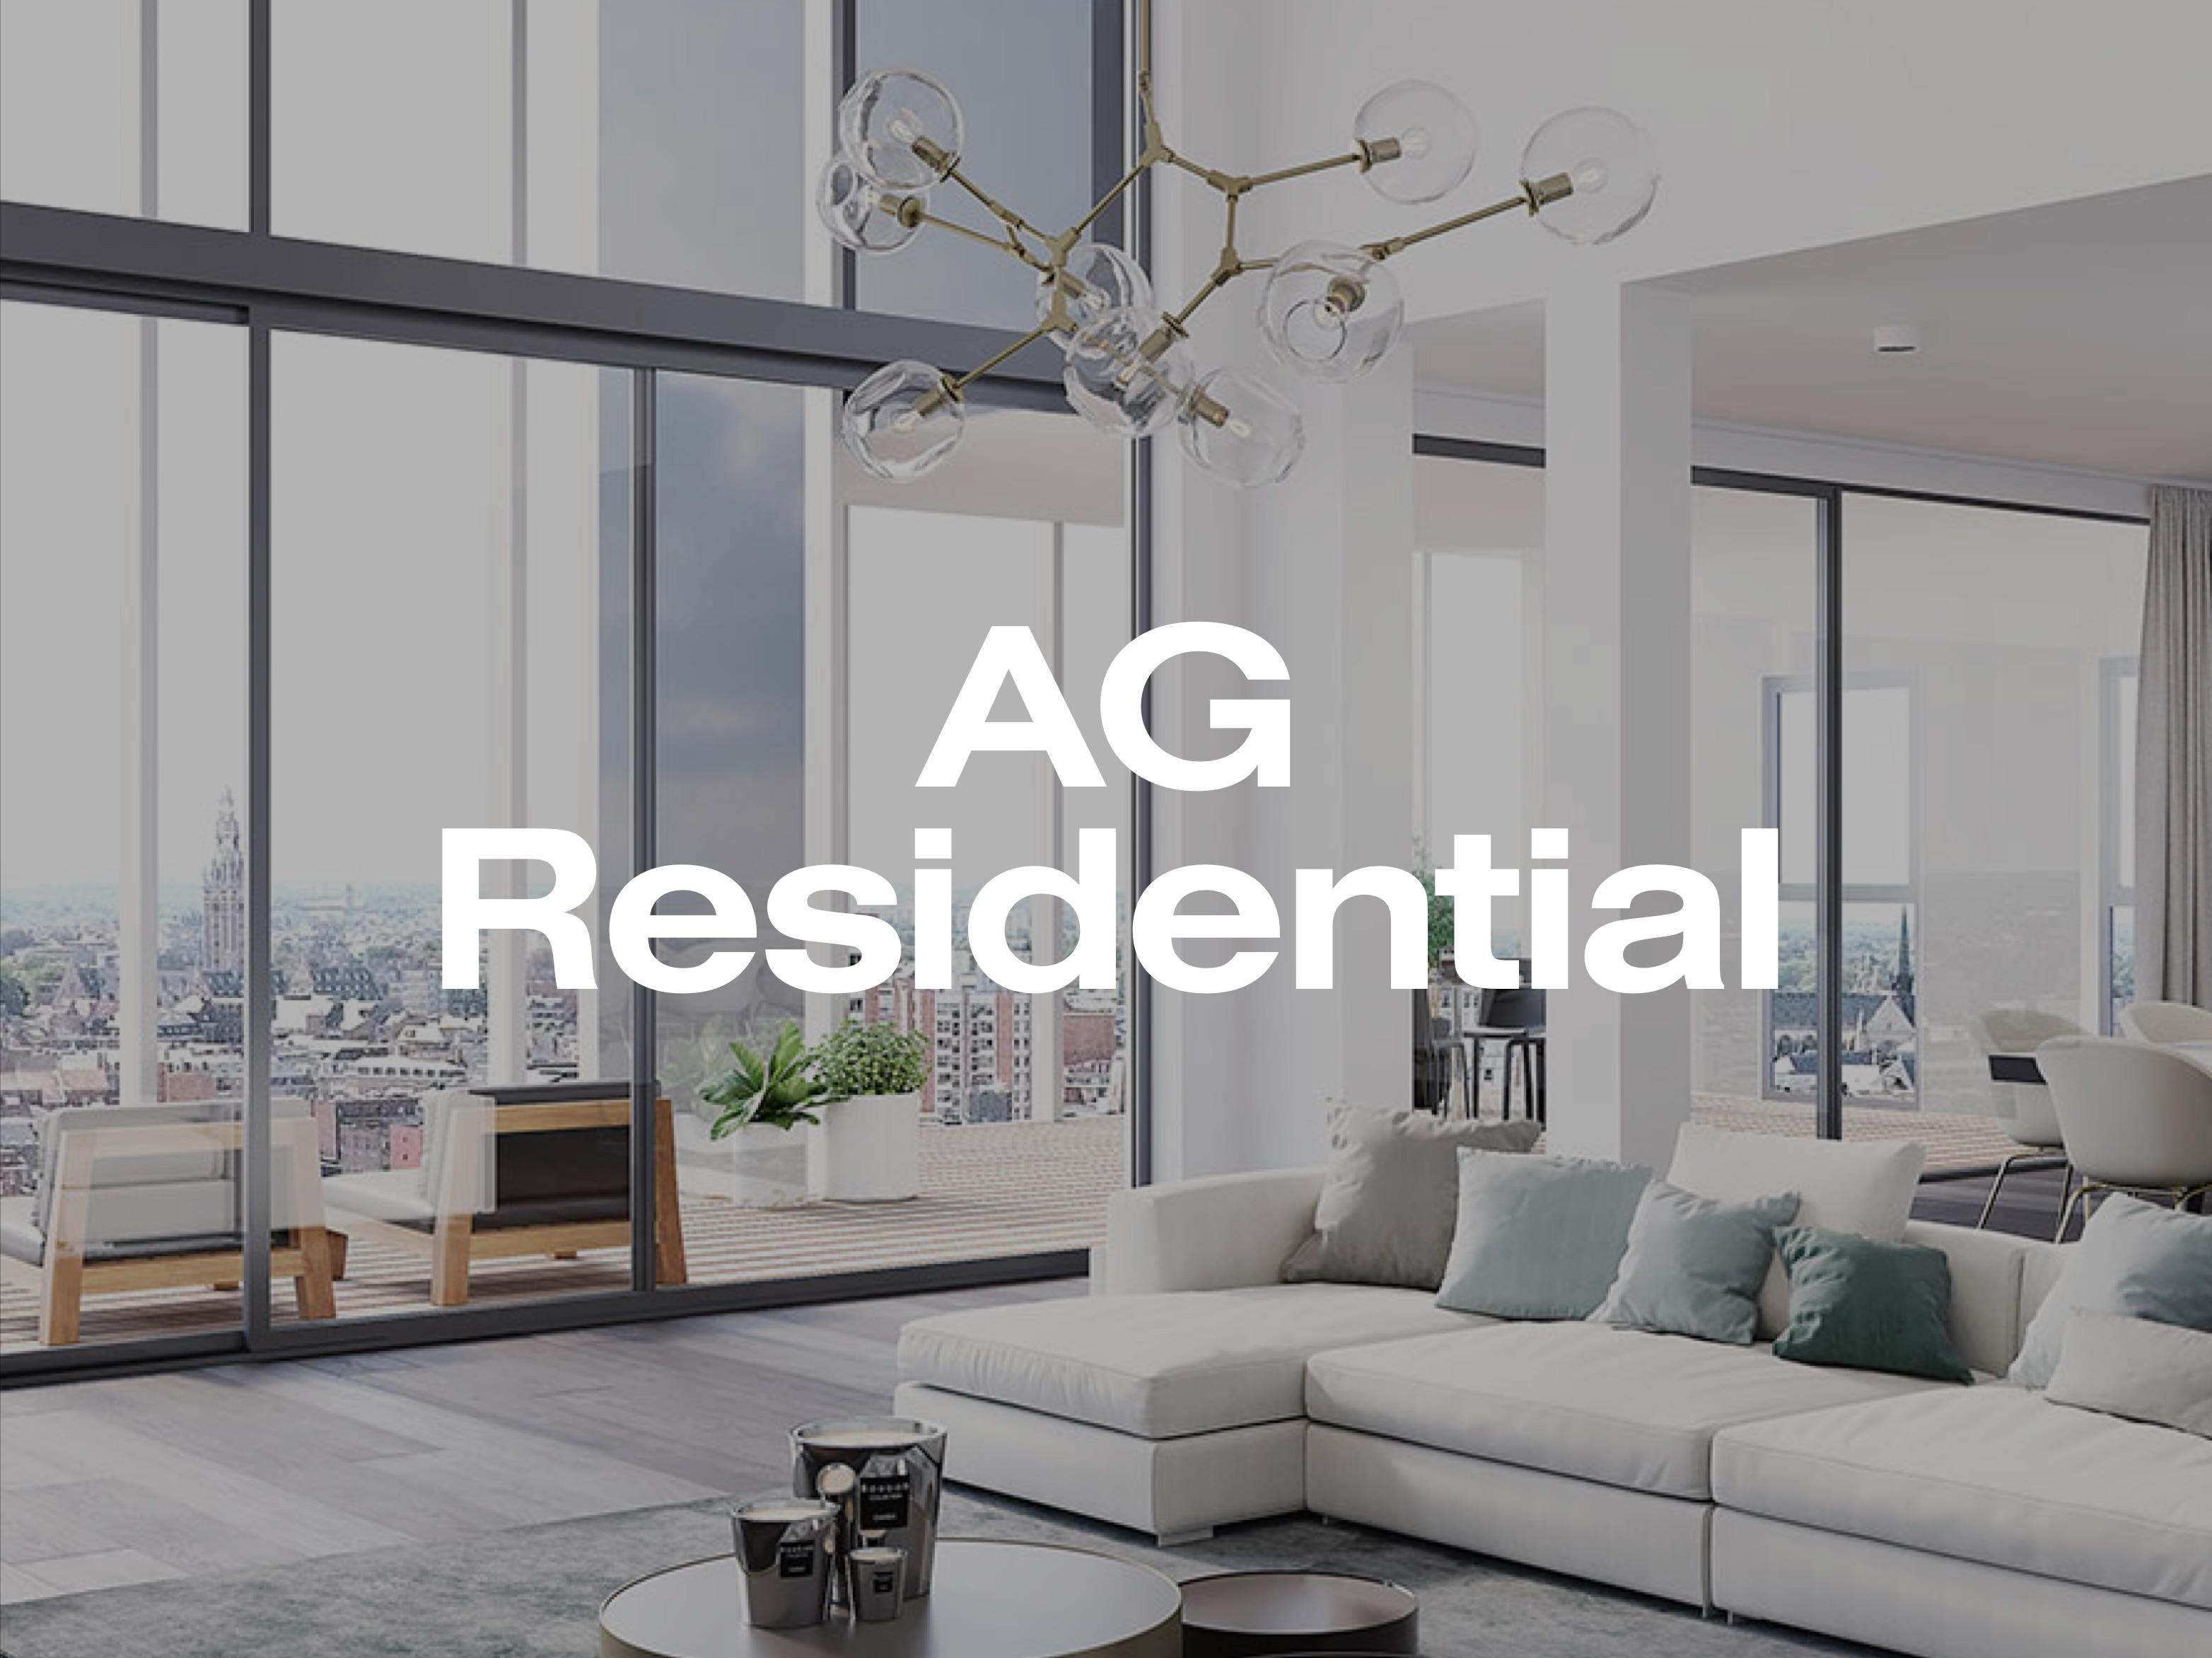 AG Residential